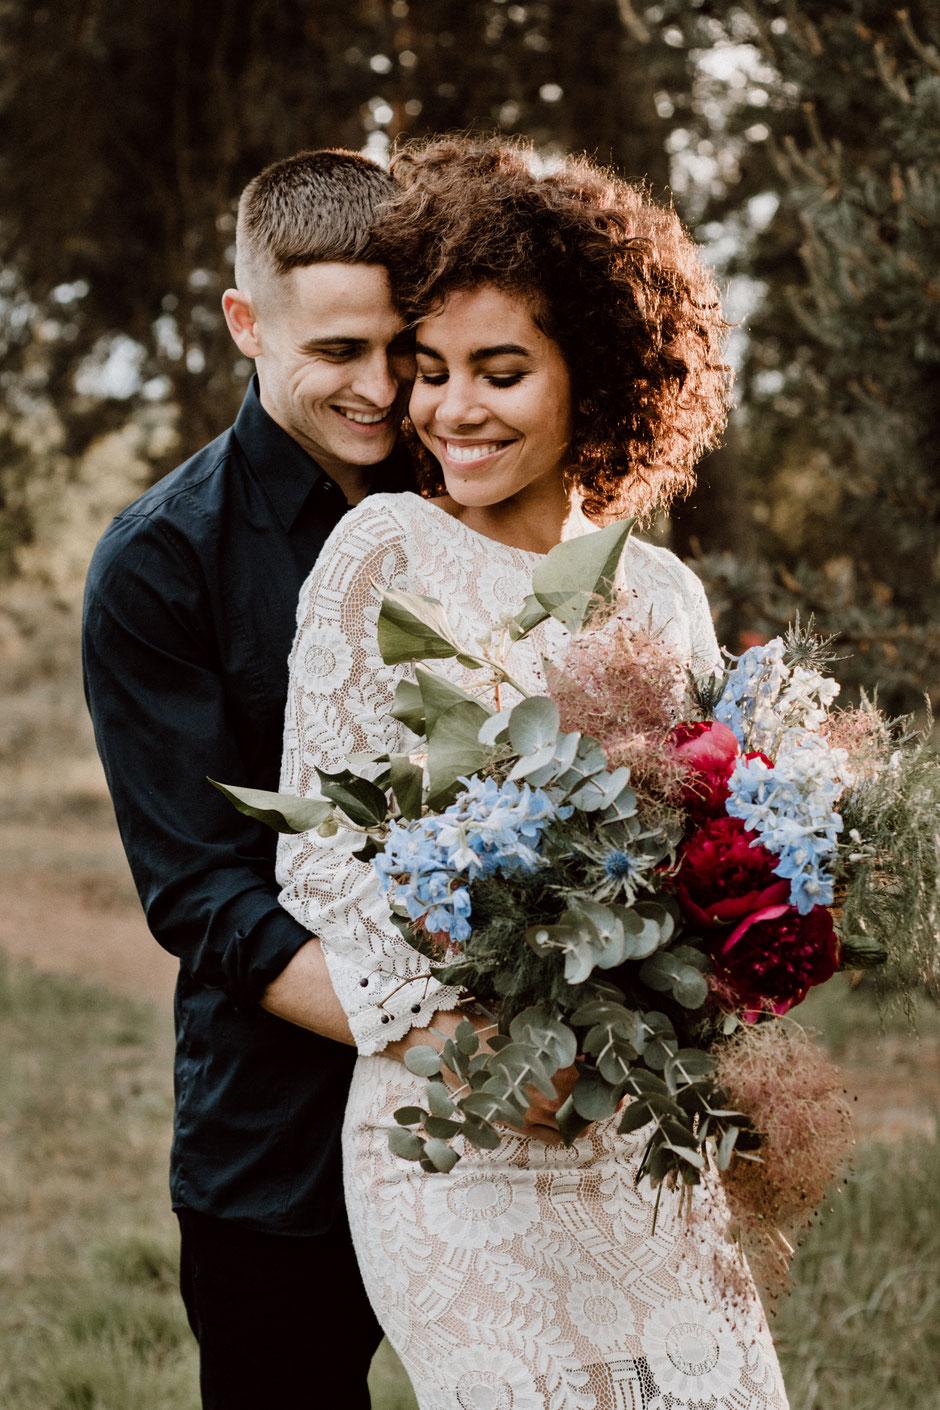 hochzeitsfotografie-belinda-bäuerle-wedding-pärchenshooting-coupleshooting-blumenstrauß